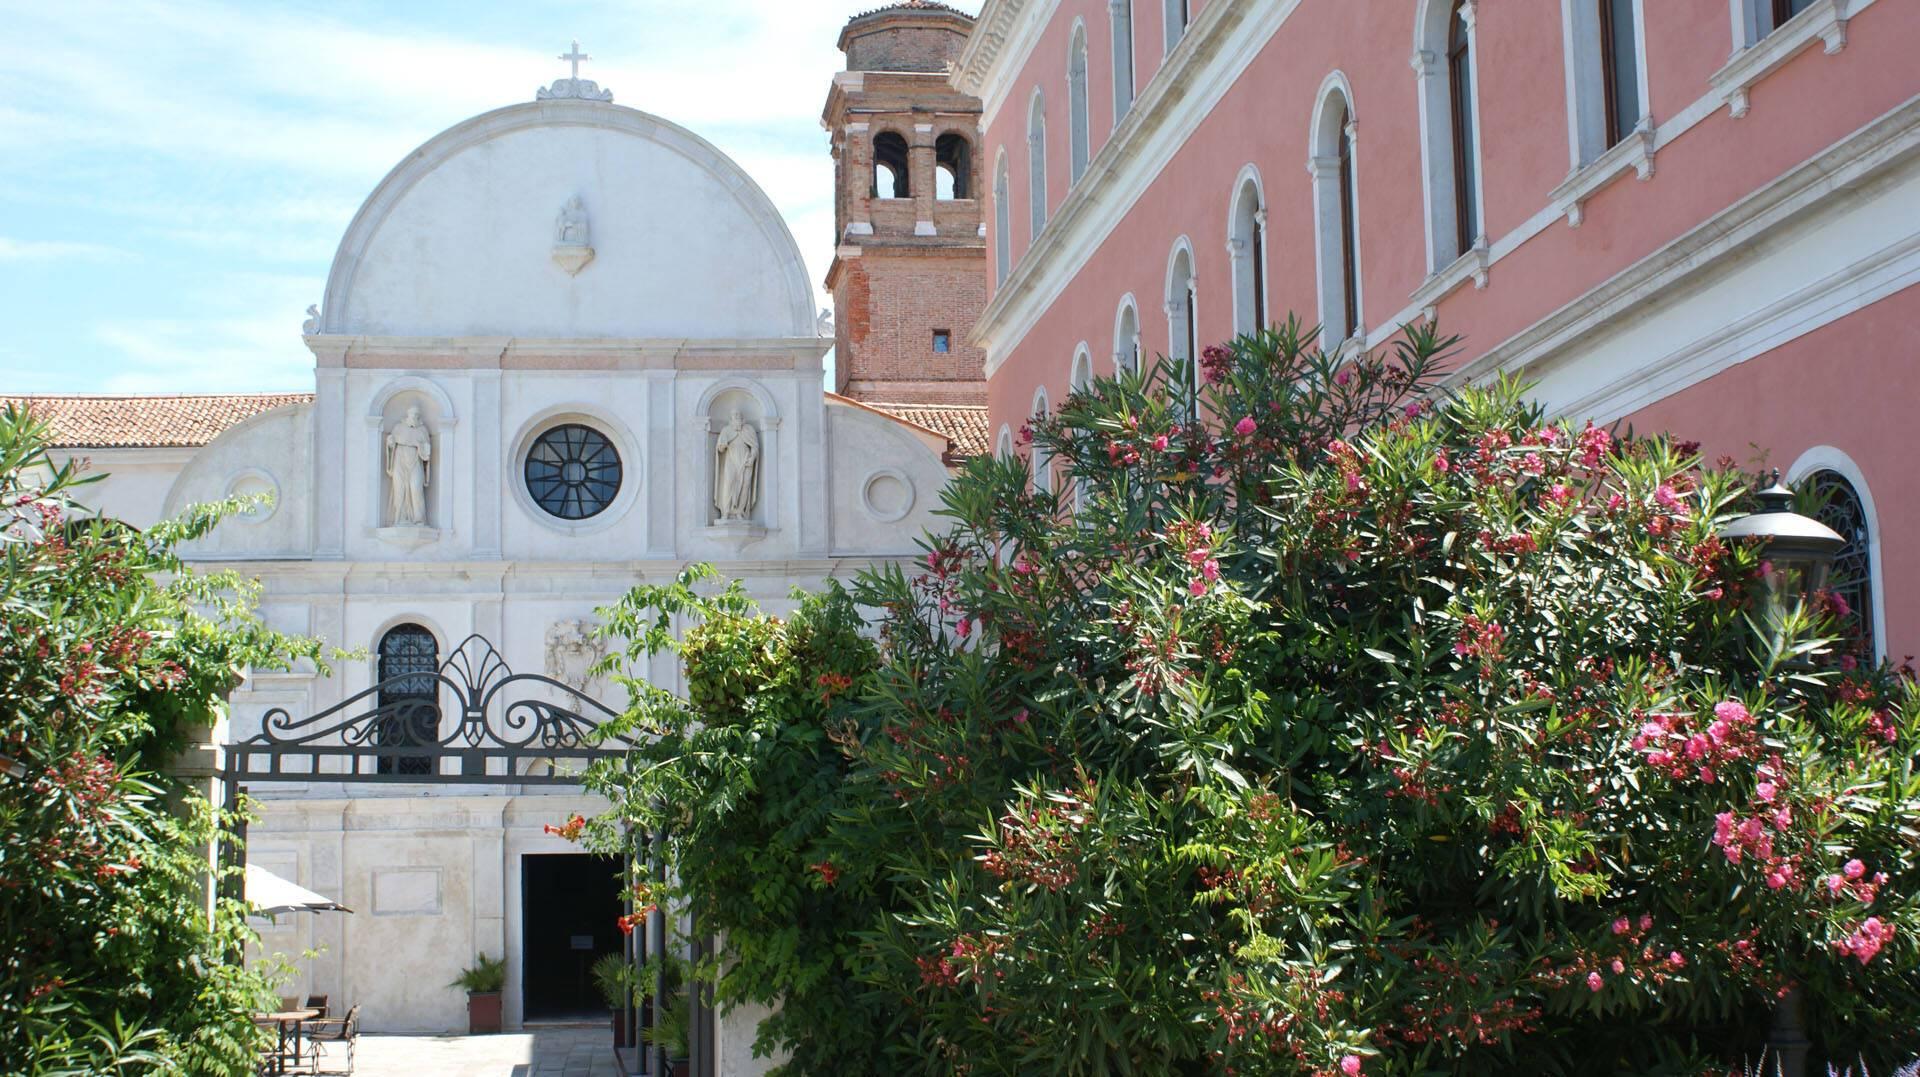 San Clemente Palace Venise Eglise